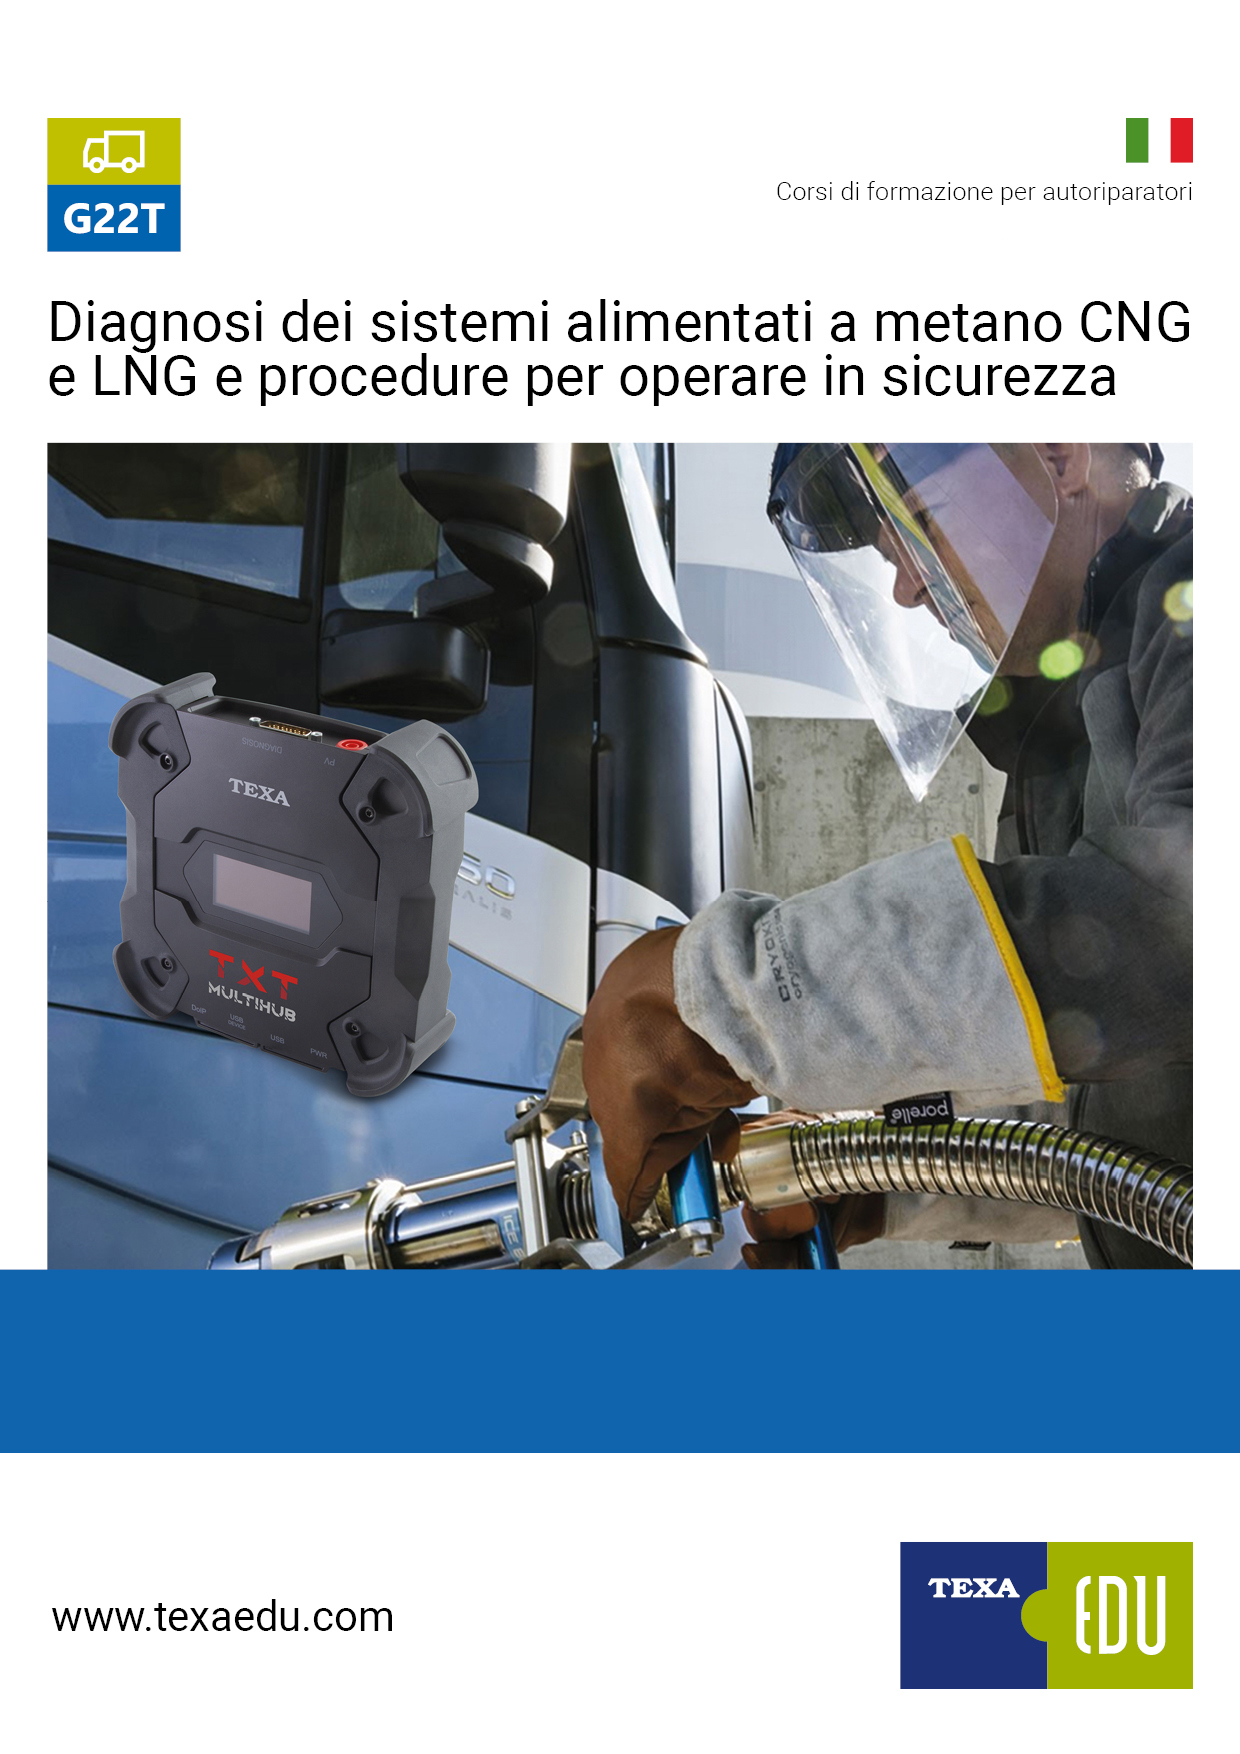 G22T: DIAGNOSI DEI SISTEMI ALIMENTATI A METANO CNG E LNG E PROCEDURE PER OPERARE IN SICUREZZA